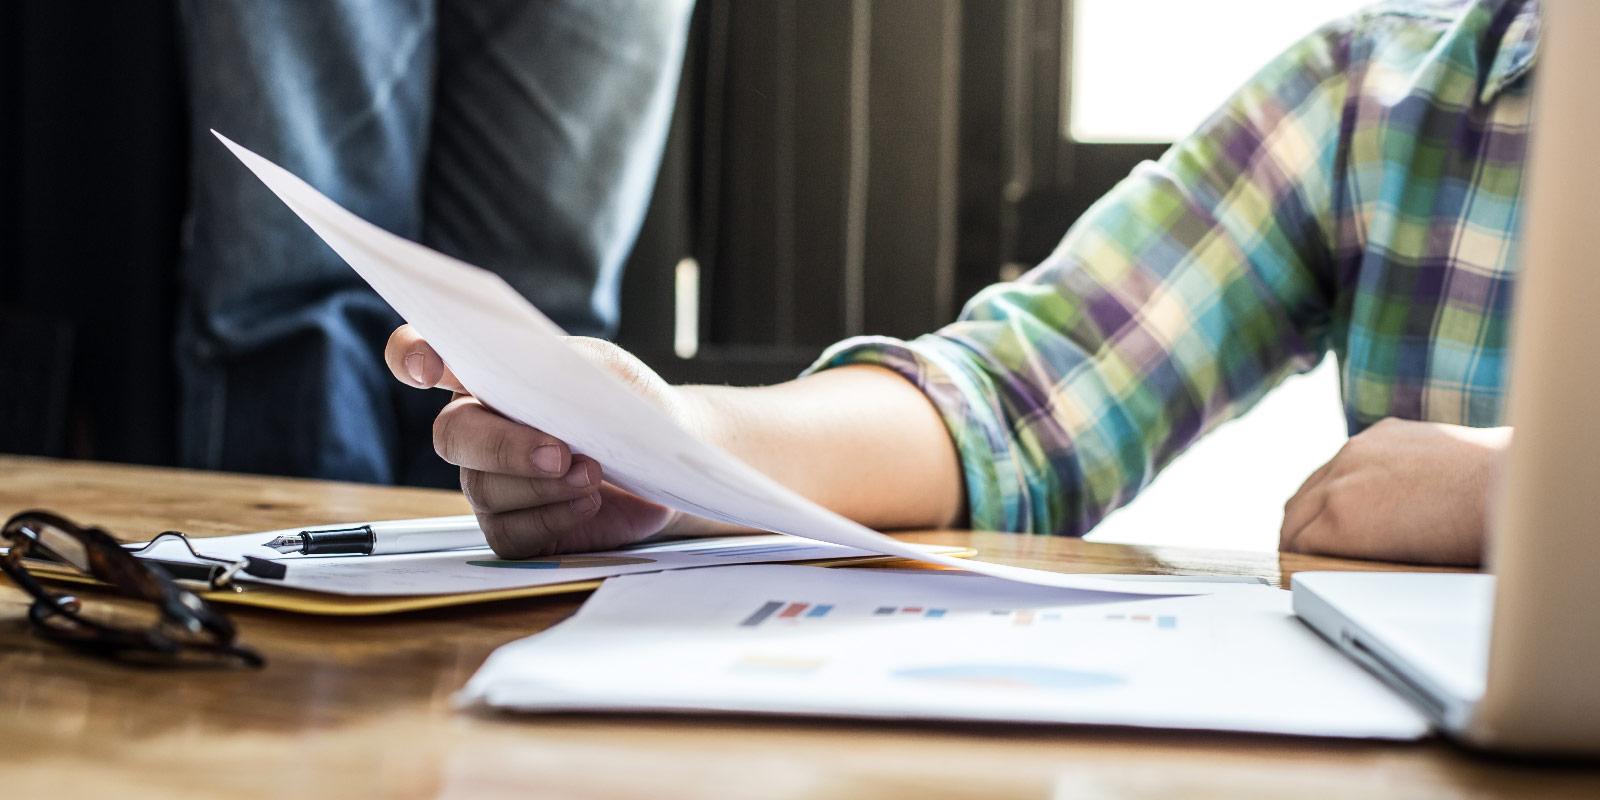 Das Solltest Du Beim Arbeitsvertrag Beachten